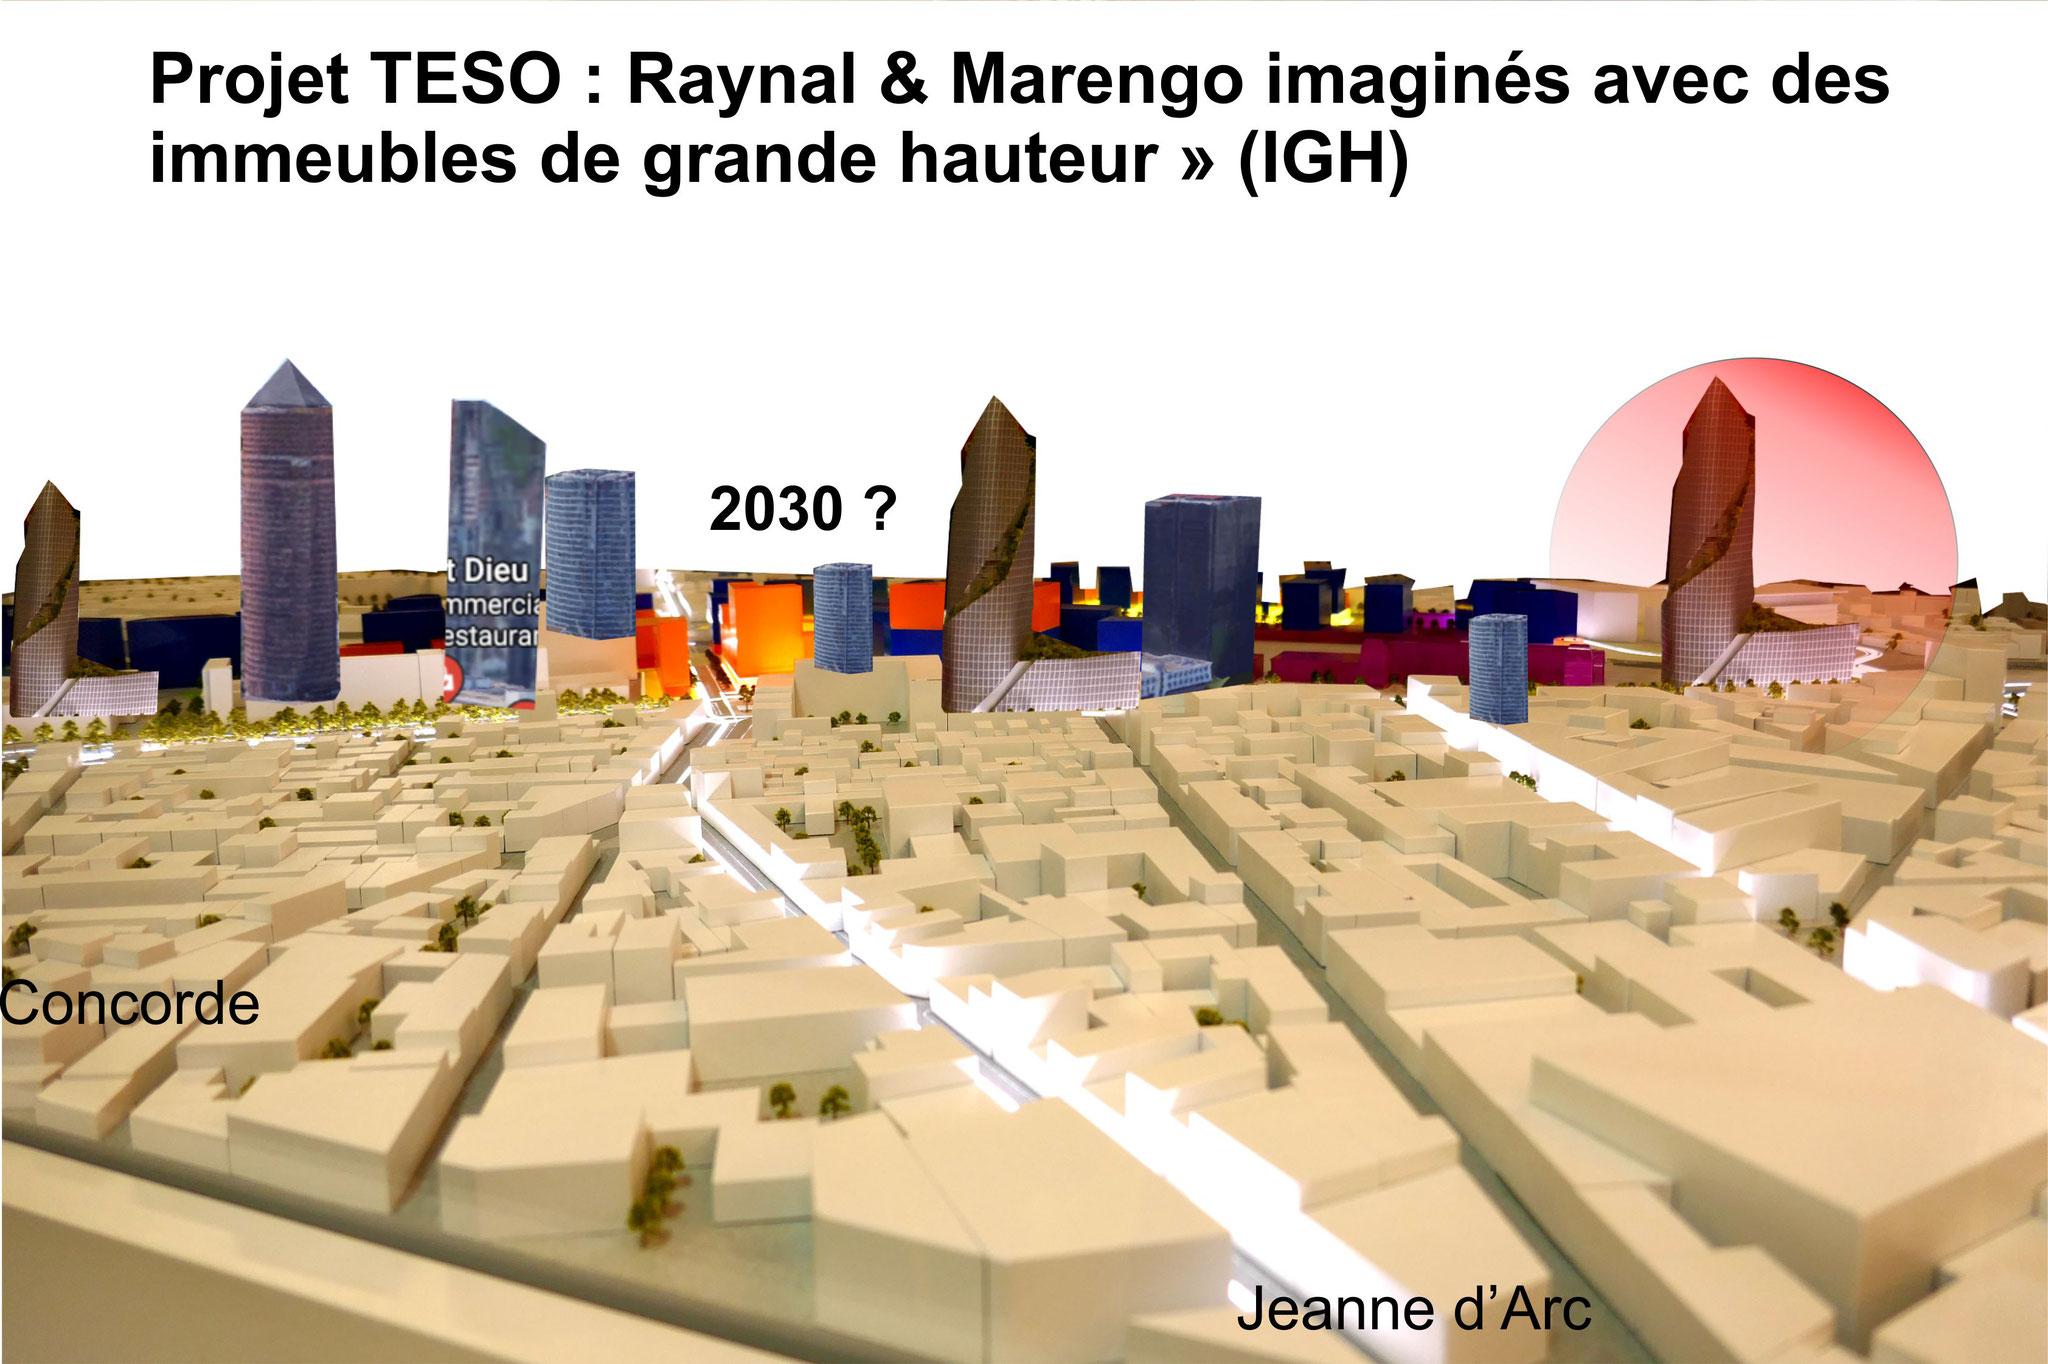 La crainte est de voir le projet TESO devenir un quartier d'affaires composé d'un ensemble de tours